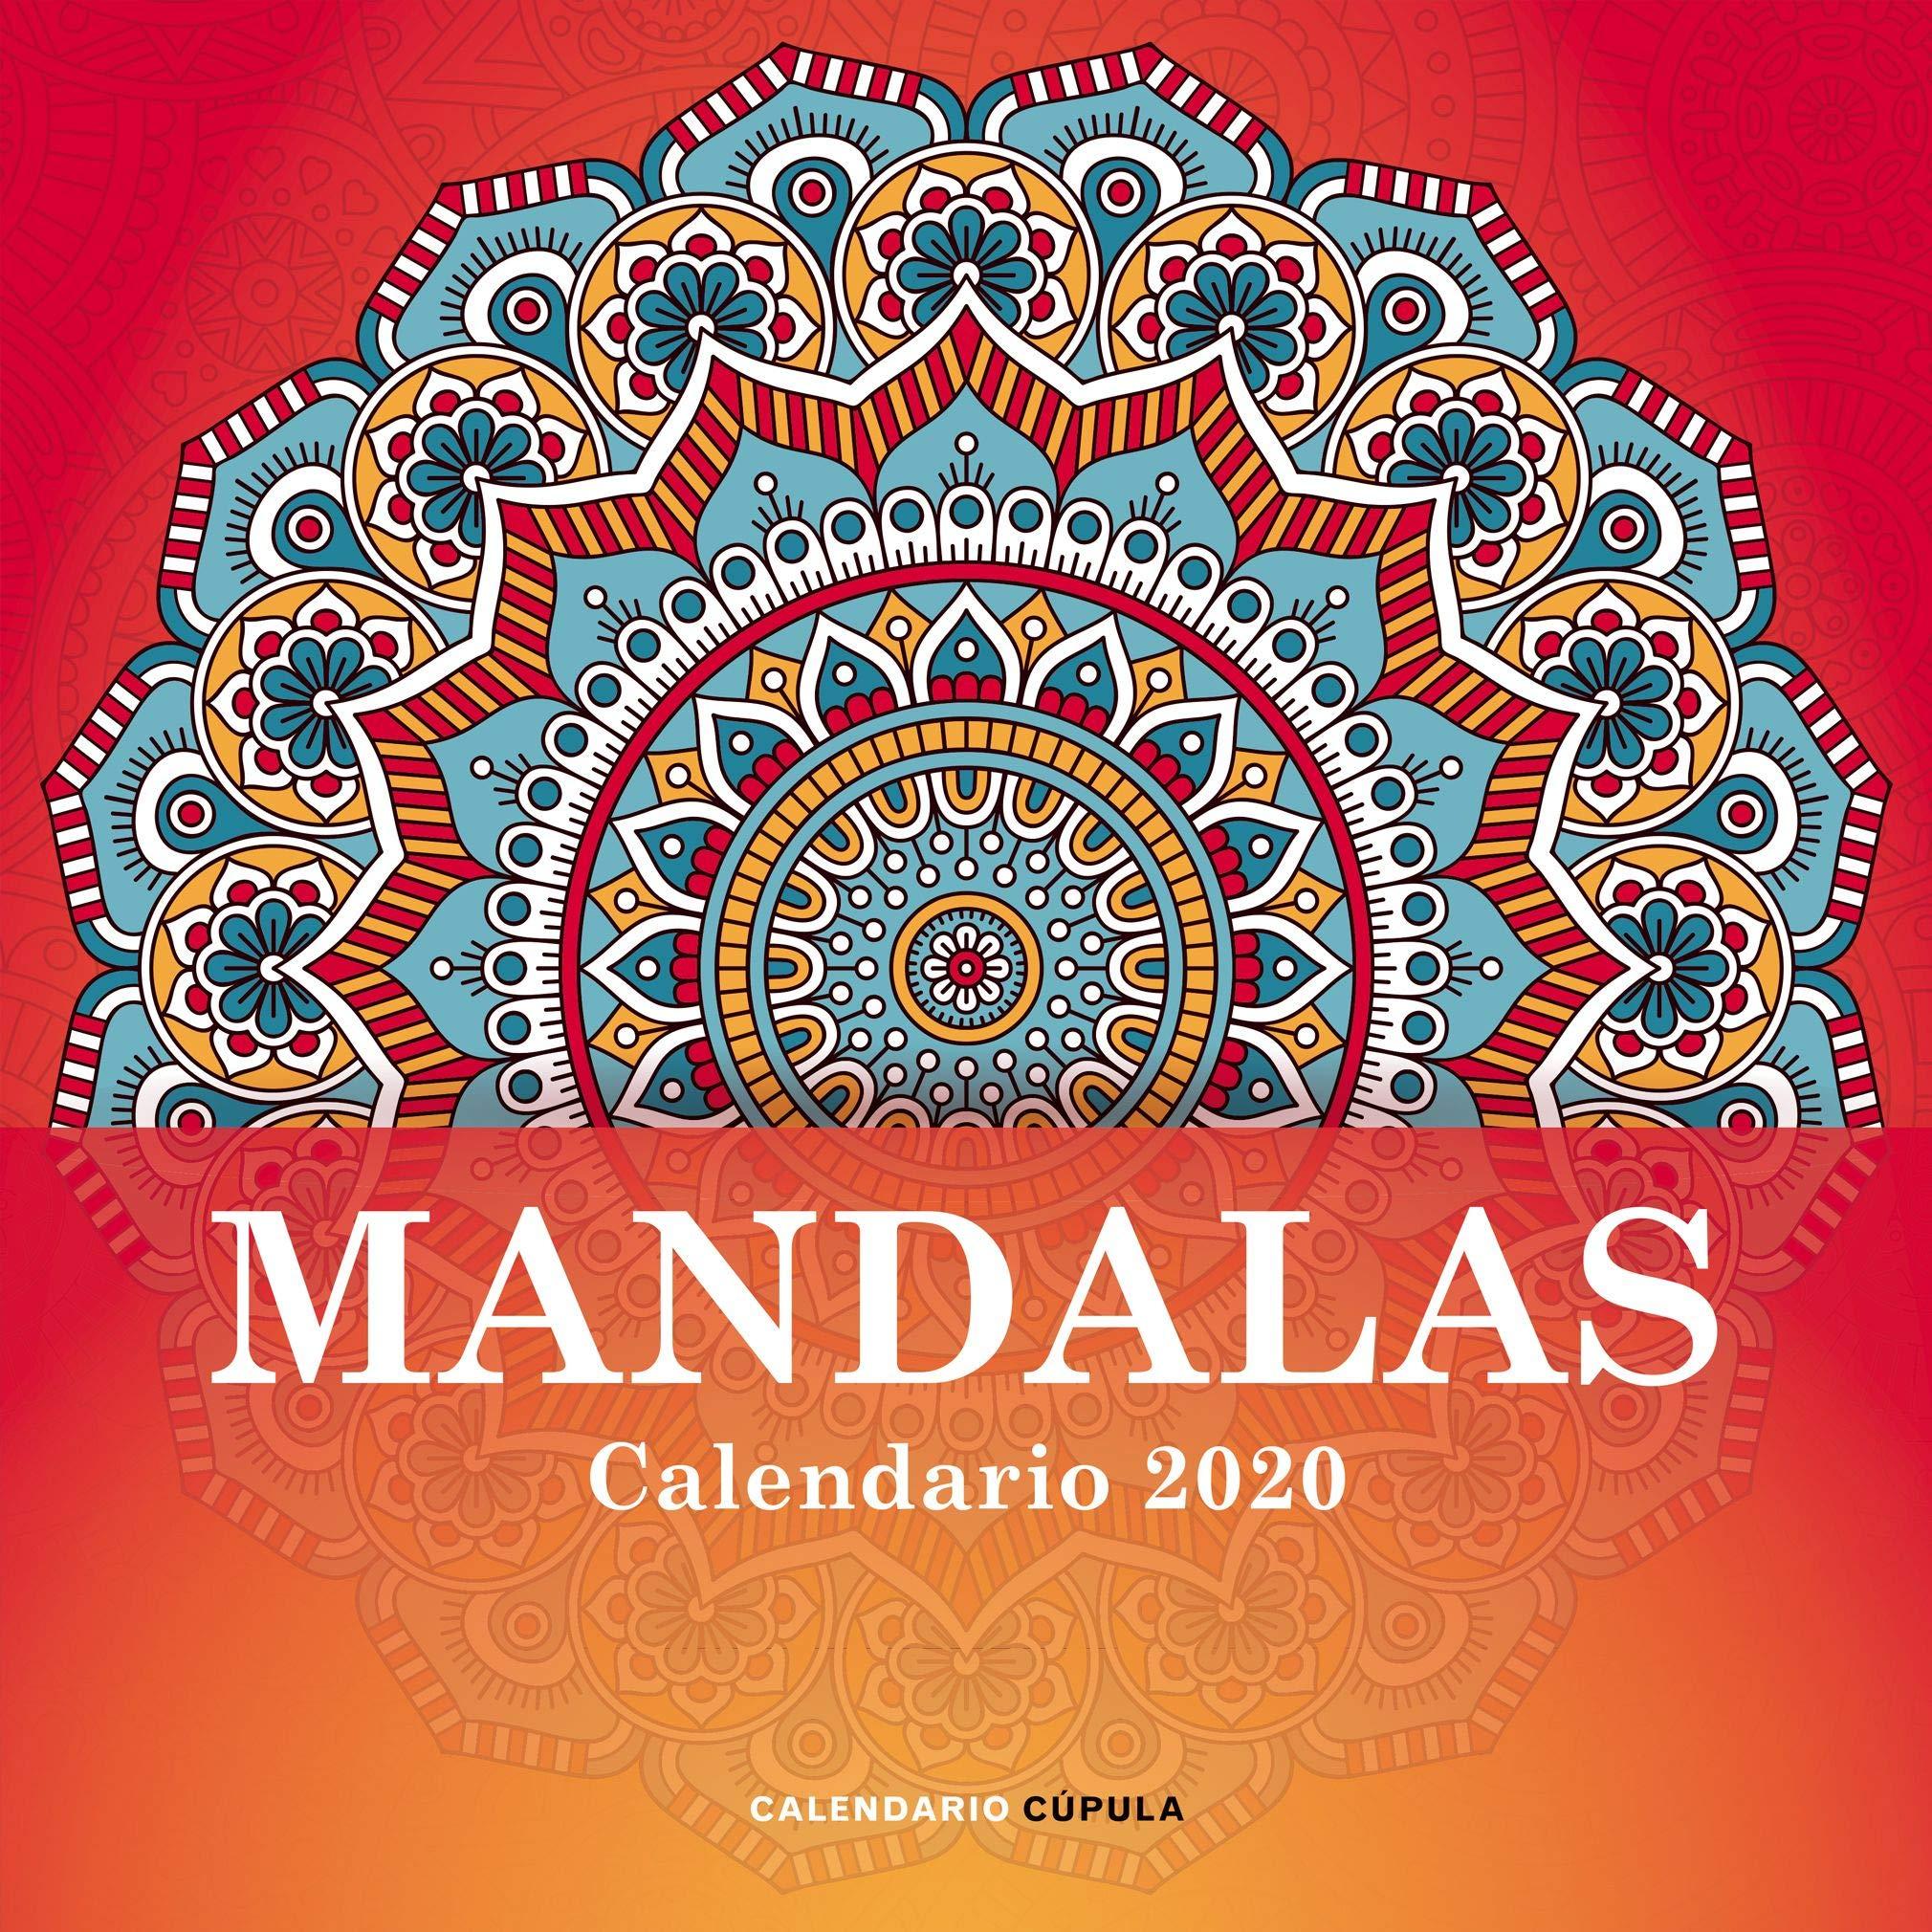 Calendario Mandalas 2020 (Calendarios y agendas): Amazon.es ...